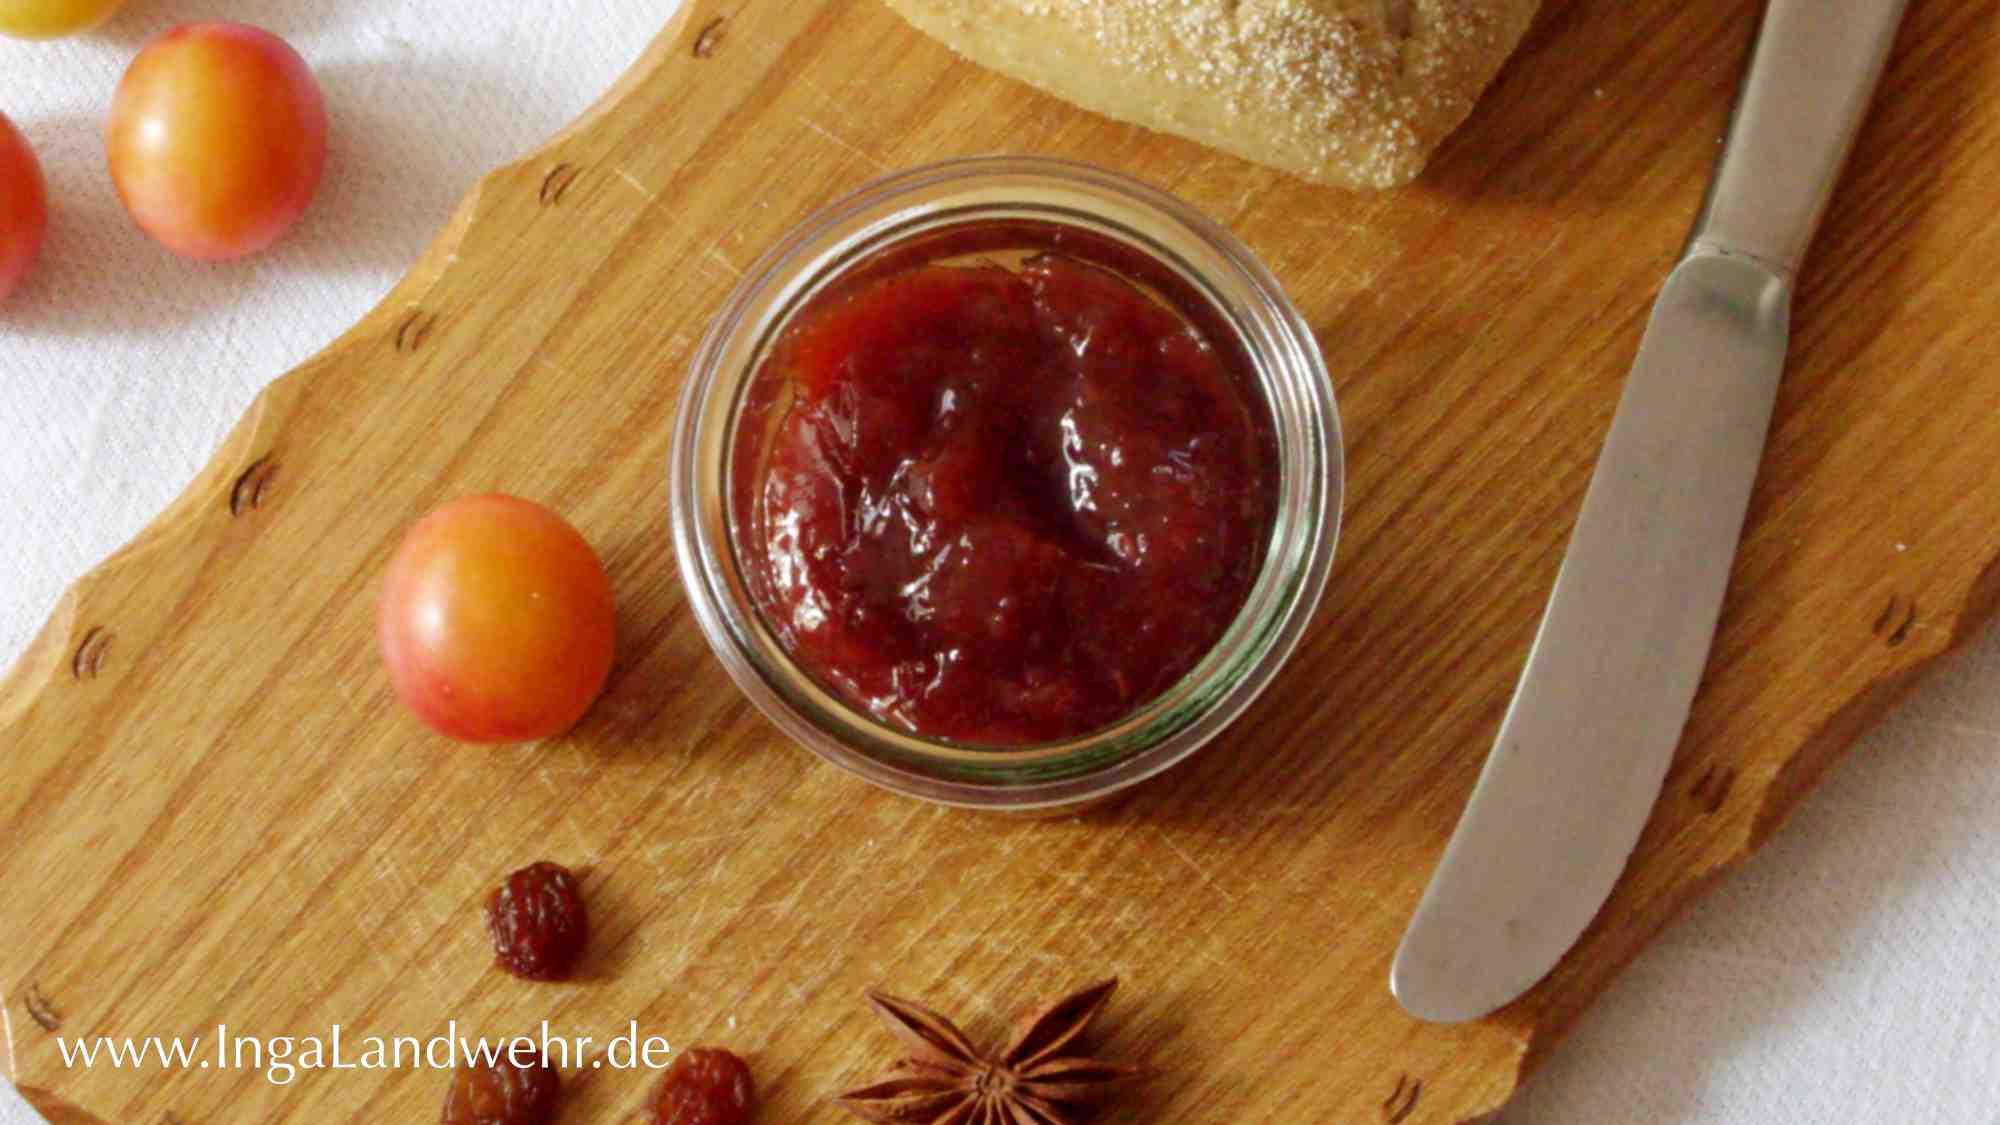 Wildpflaumen-Marmelade mit Rosinen und Sternanis auf einem Holzbrett